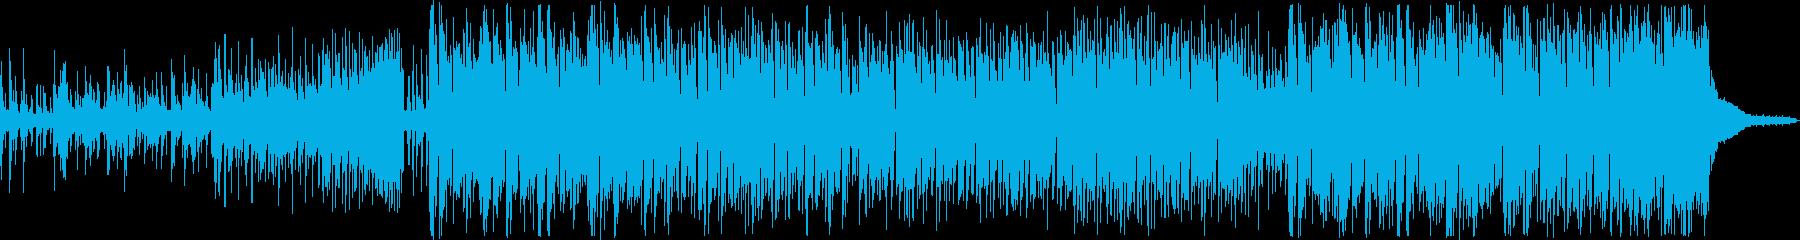 ギタフレーズがリードするキラキラハウスの再生済みの波形